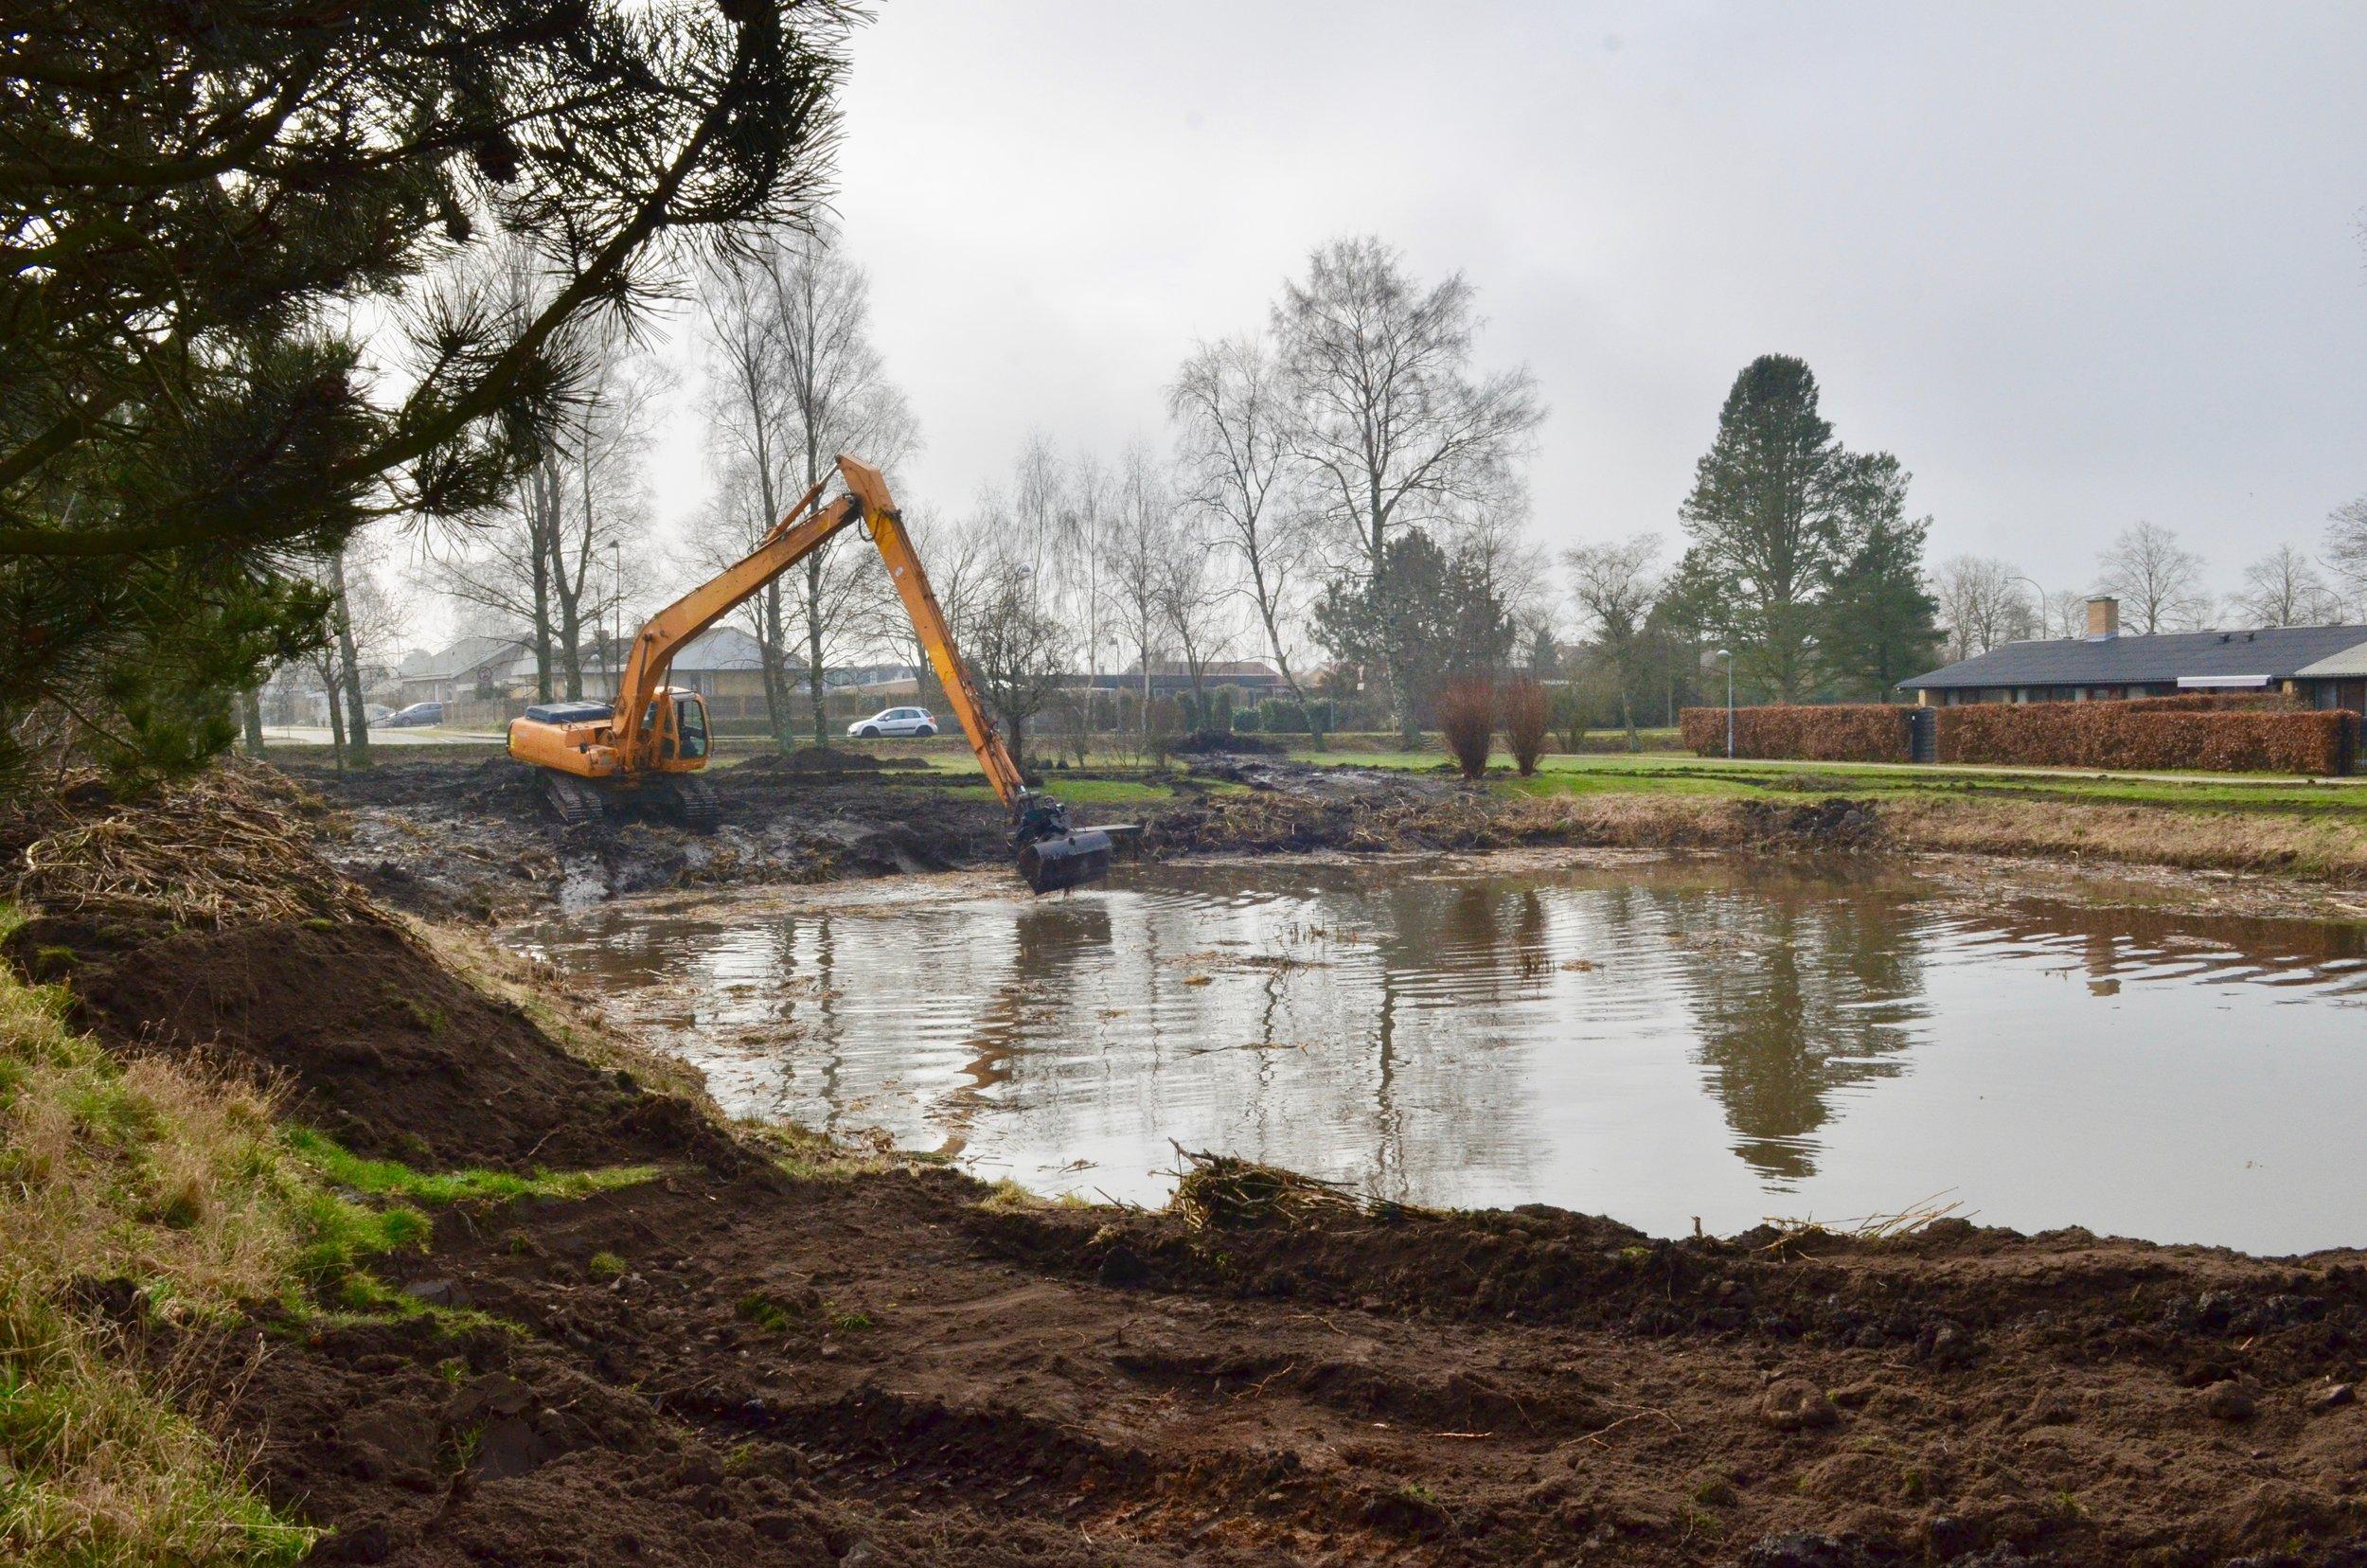 Flere har spurgt, hvad det er der sker ved søen ved Sjælsøparken, hvor en kæmpe gravemaskine er i gang omkring søen. Foto: AOB